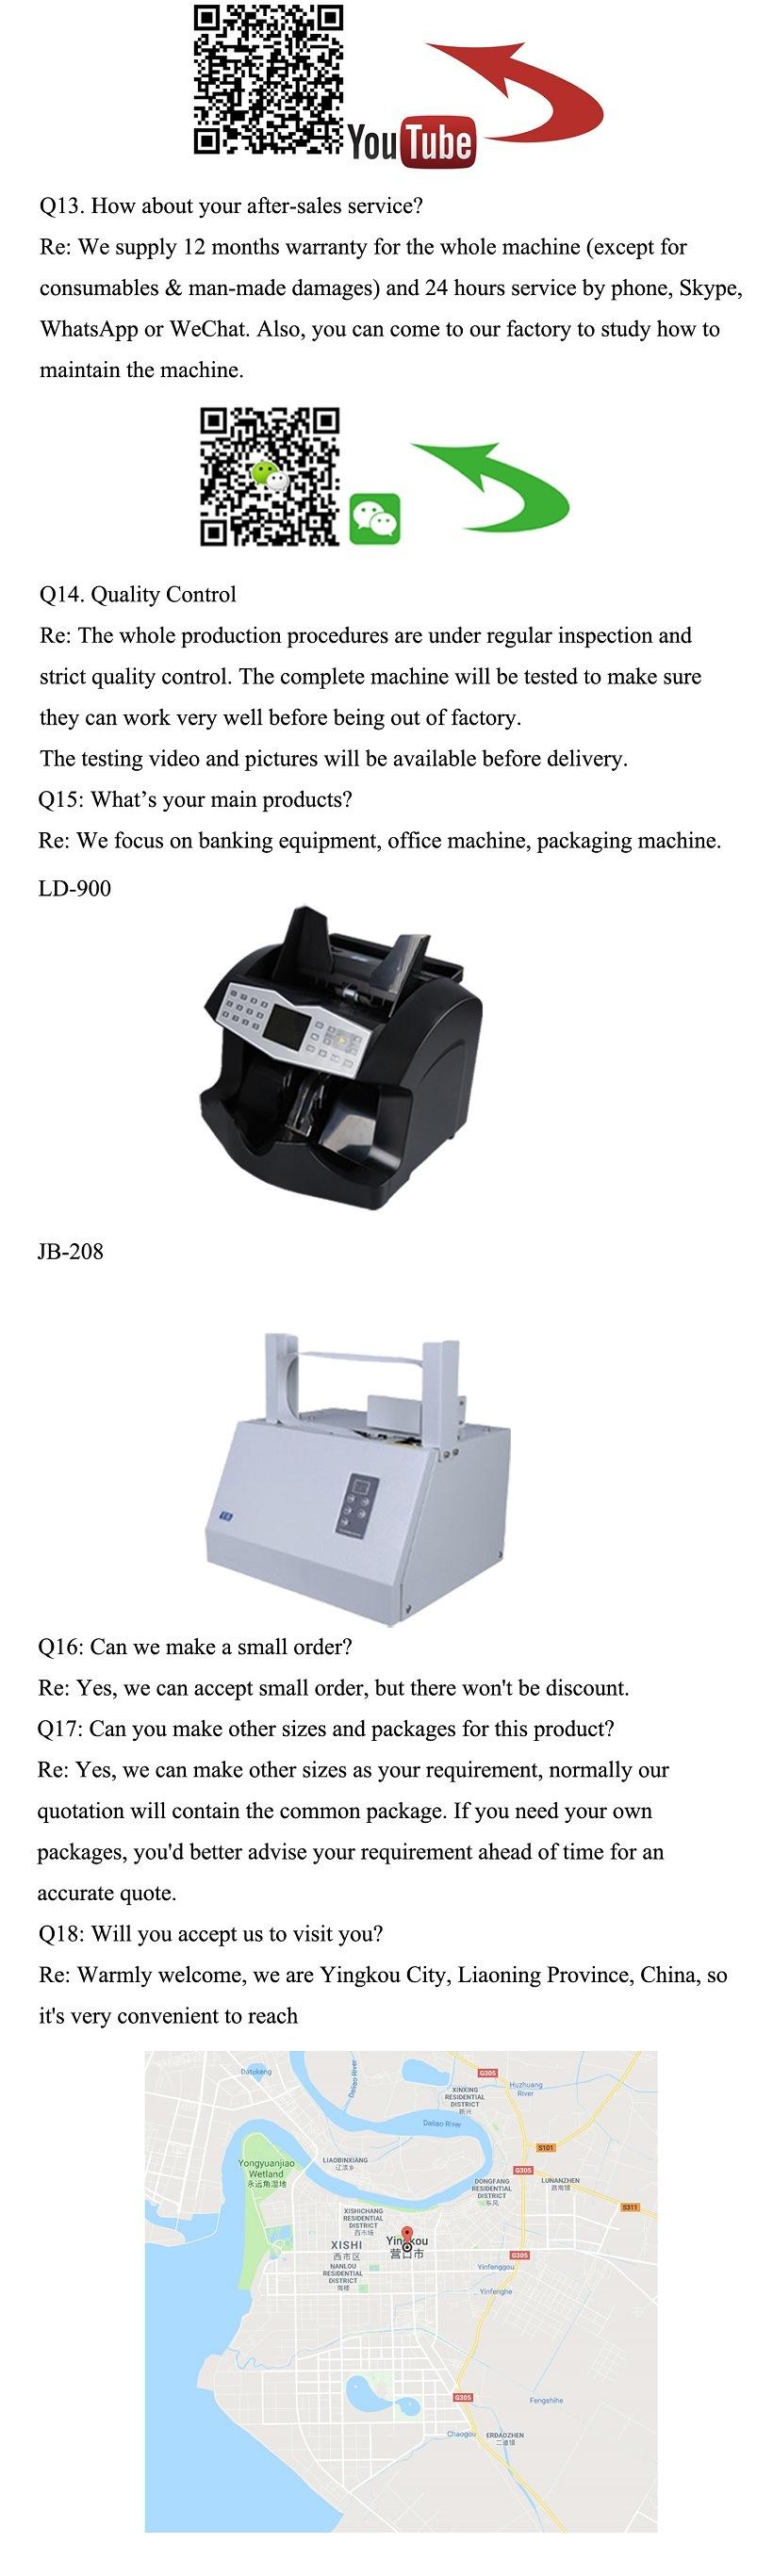 Tear-off Seal High Security (OS-18-183)